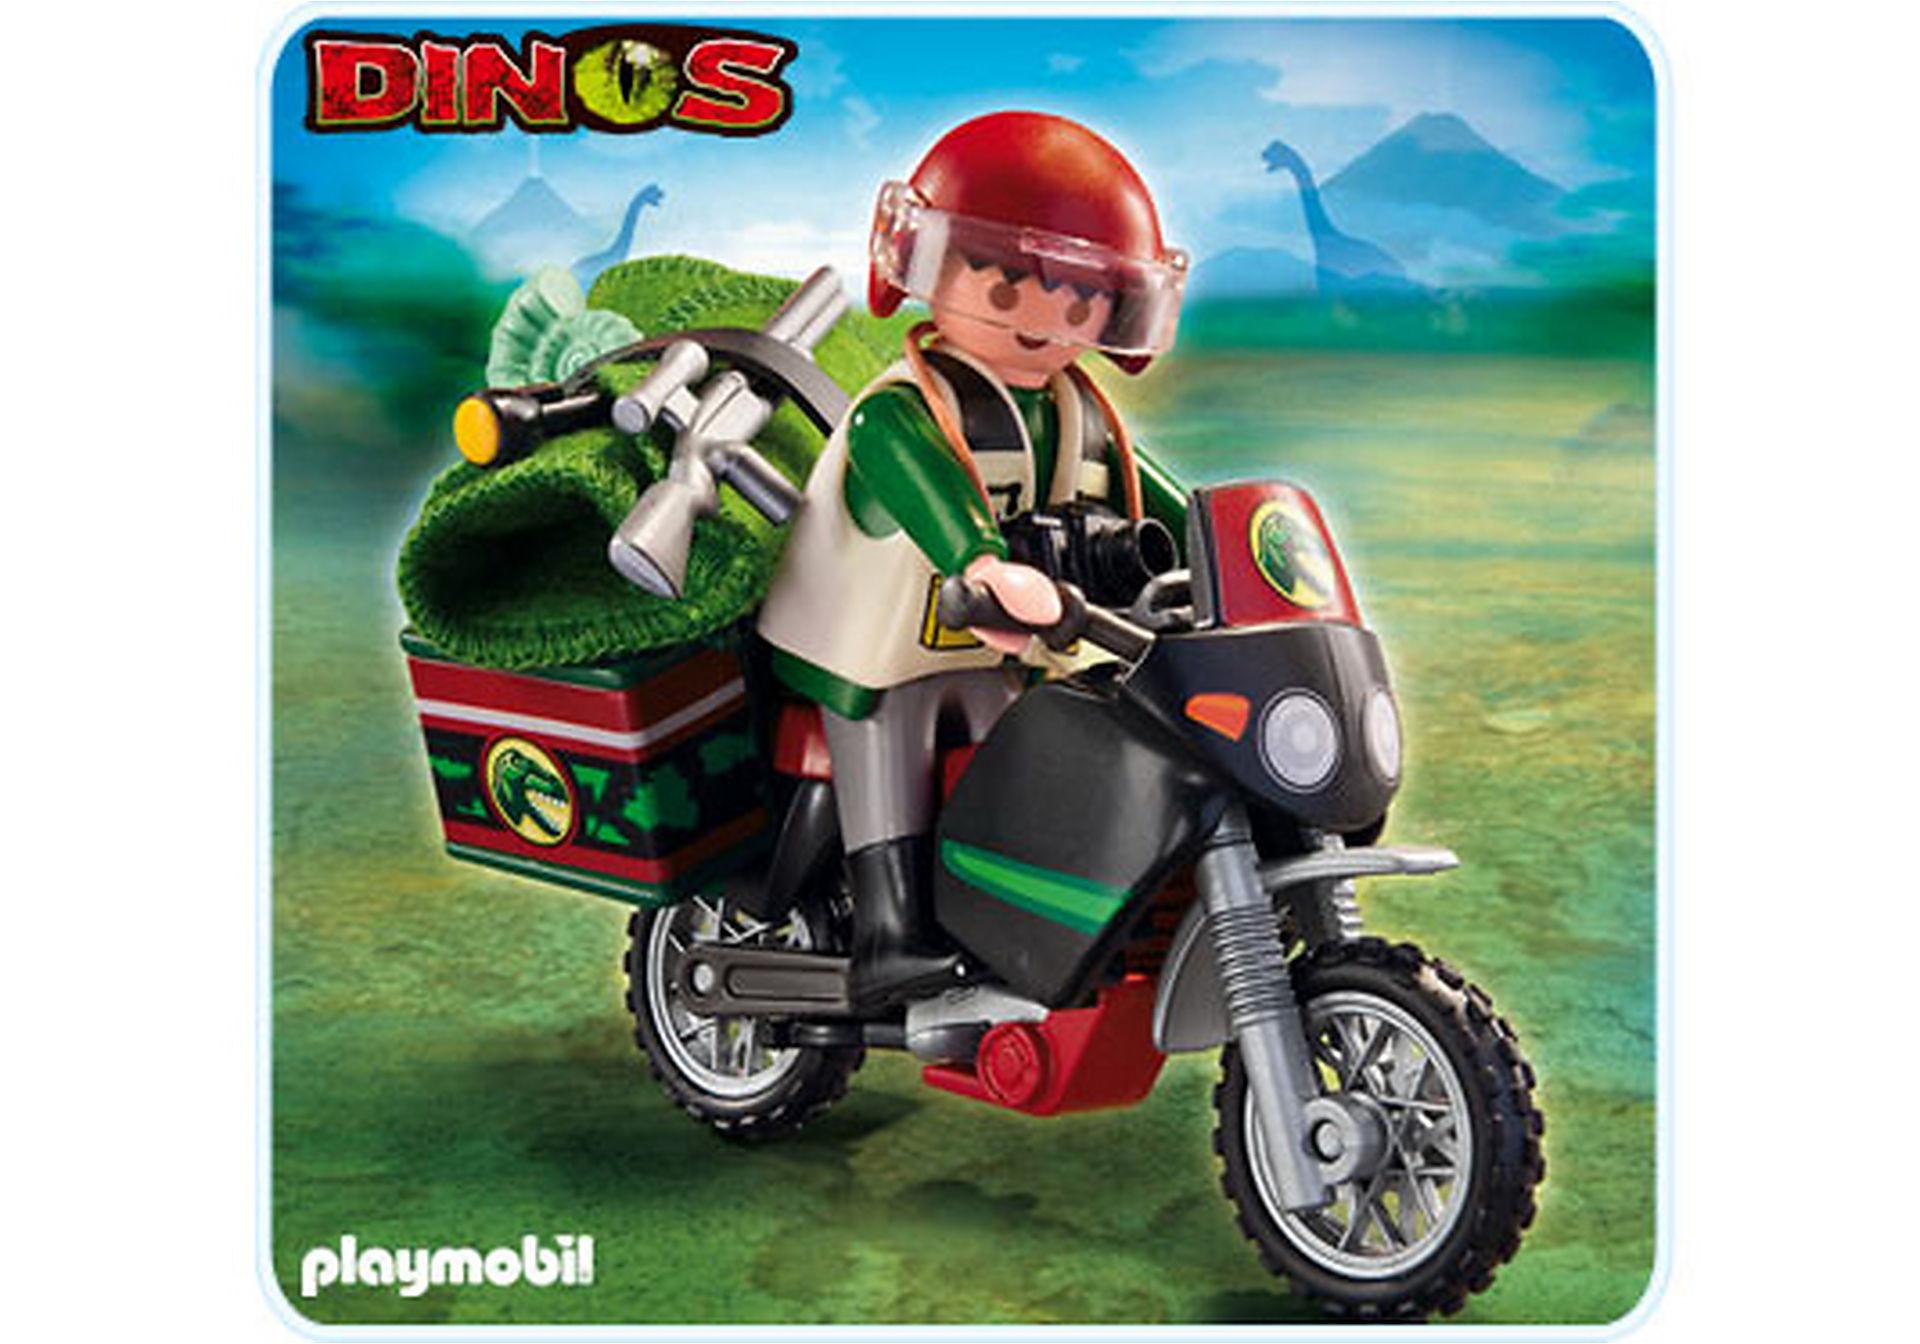 5237-A Dinoforscher mit Geländemaschine zoom image1